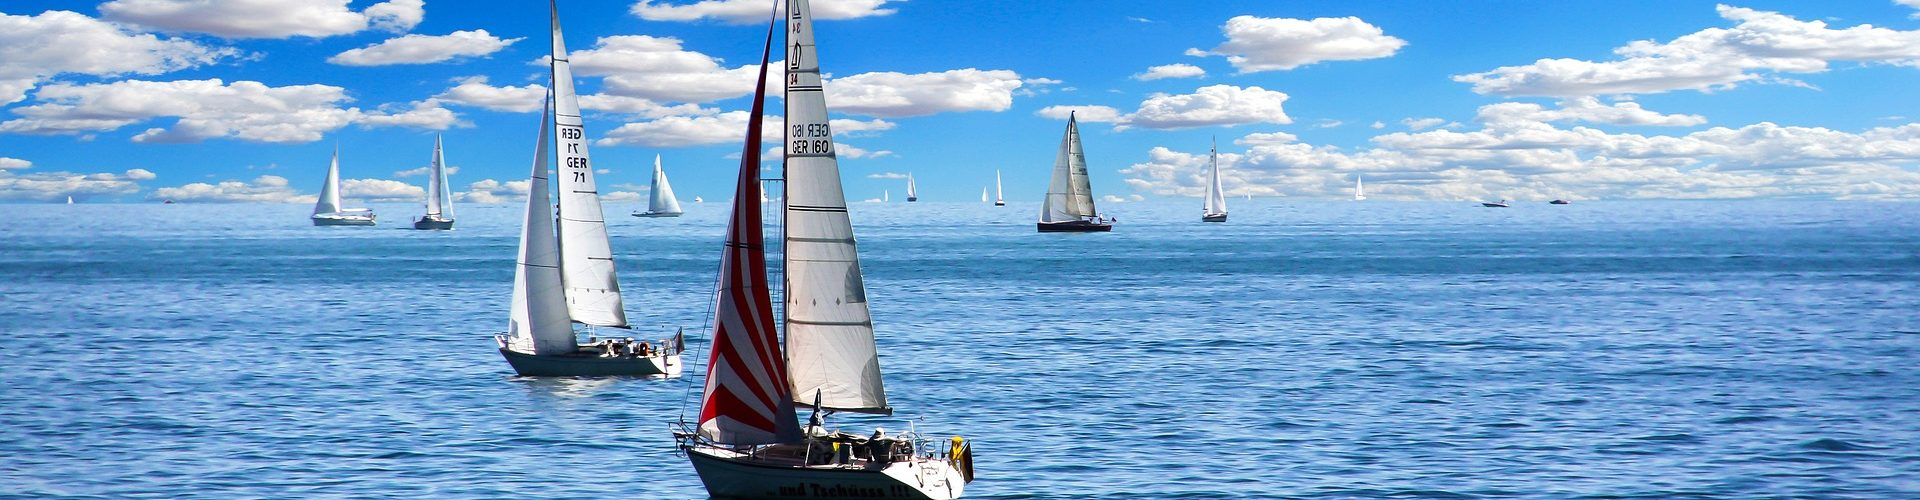 segeln lernen in Andernach segelschein machen in Andernach 1920x500 - Segeln lernen in Andernach